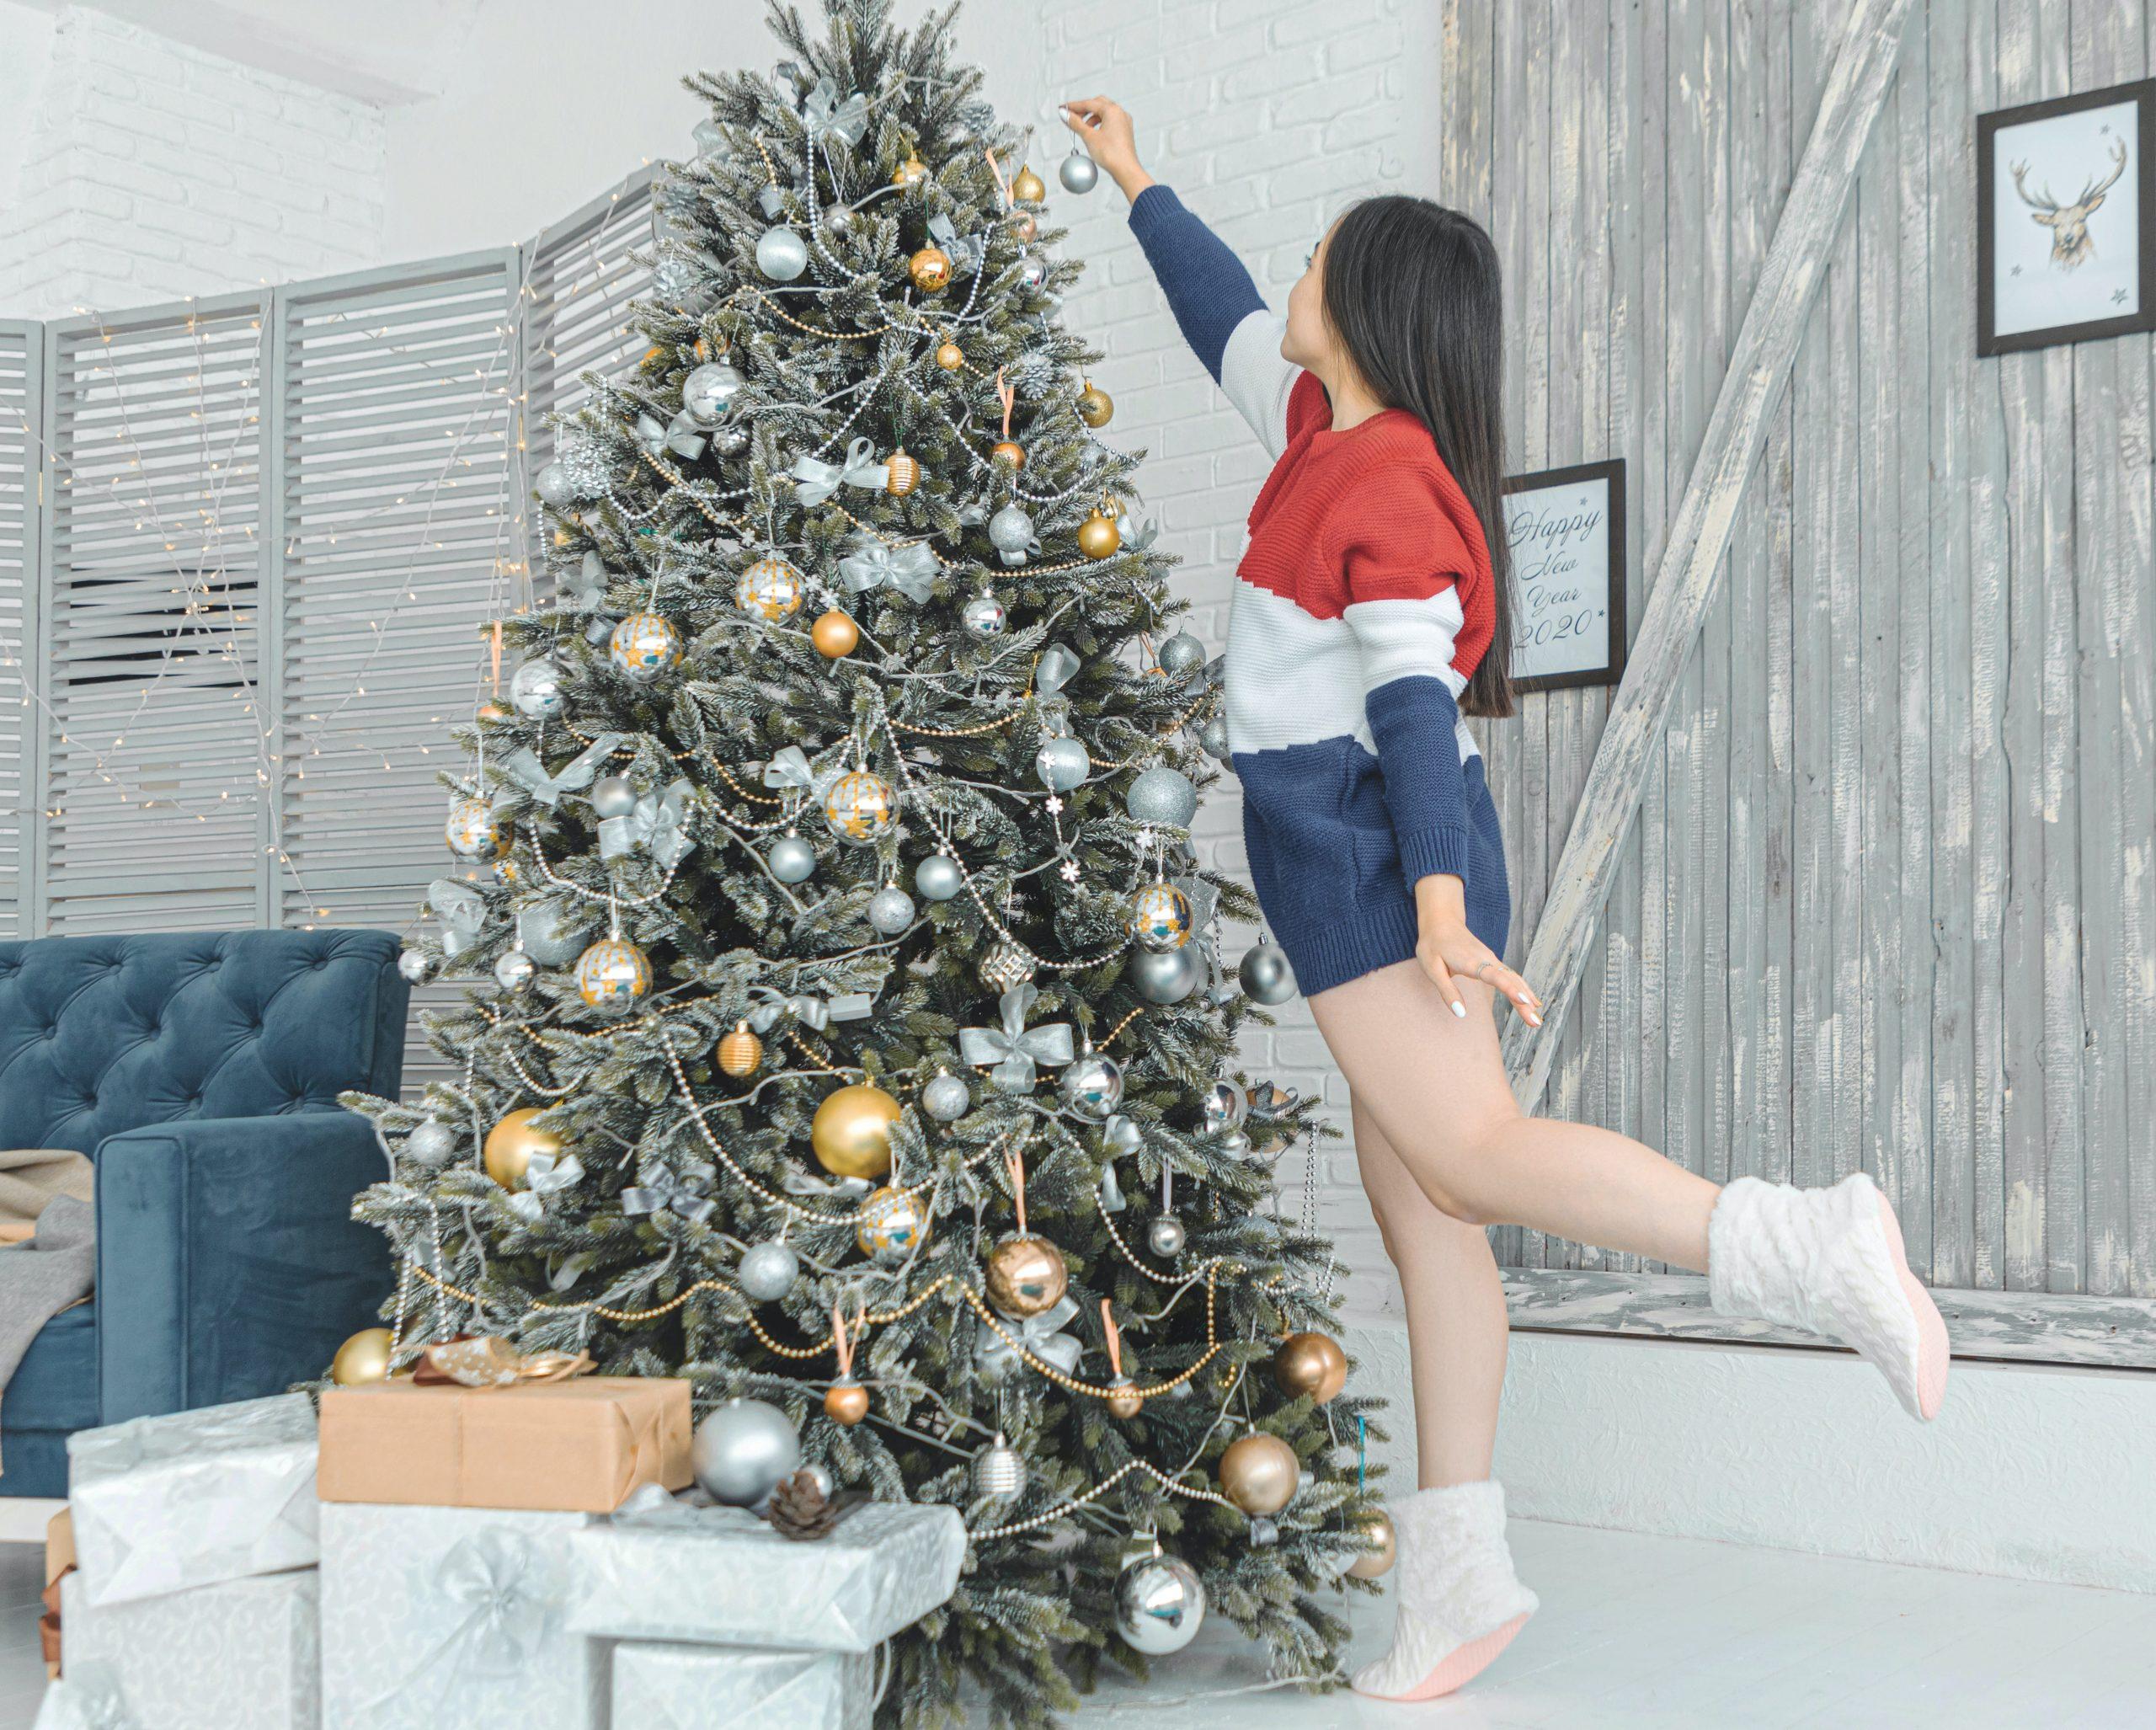 Chica decorando el arbol de navidad